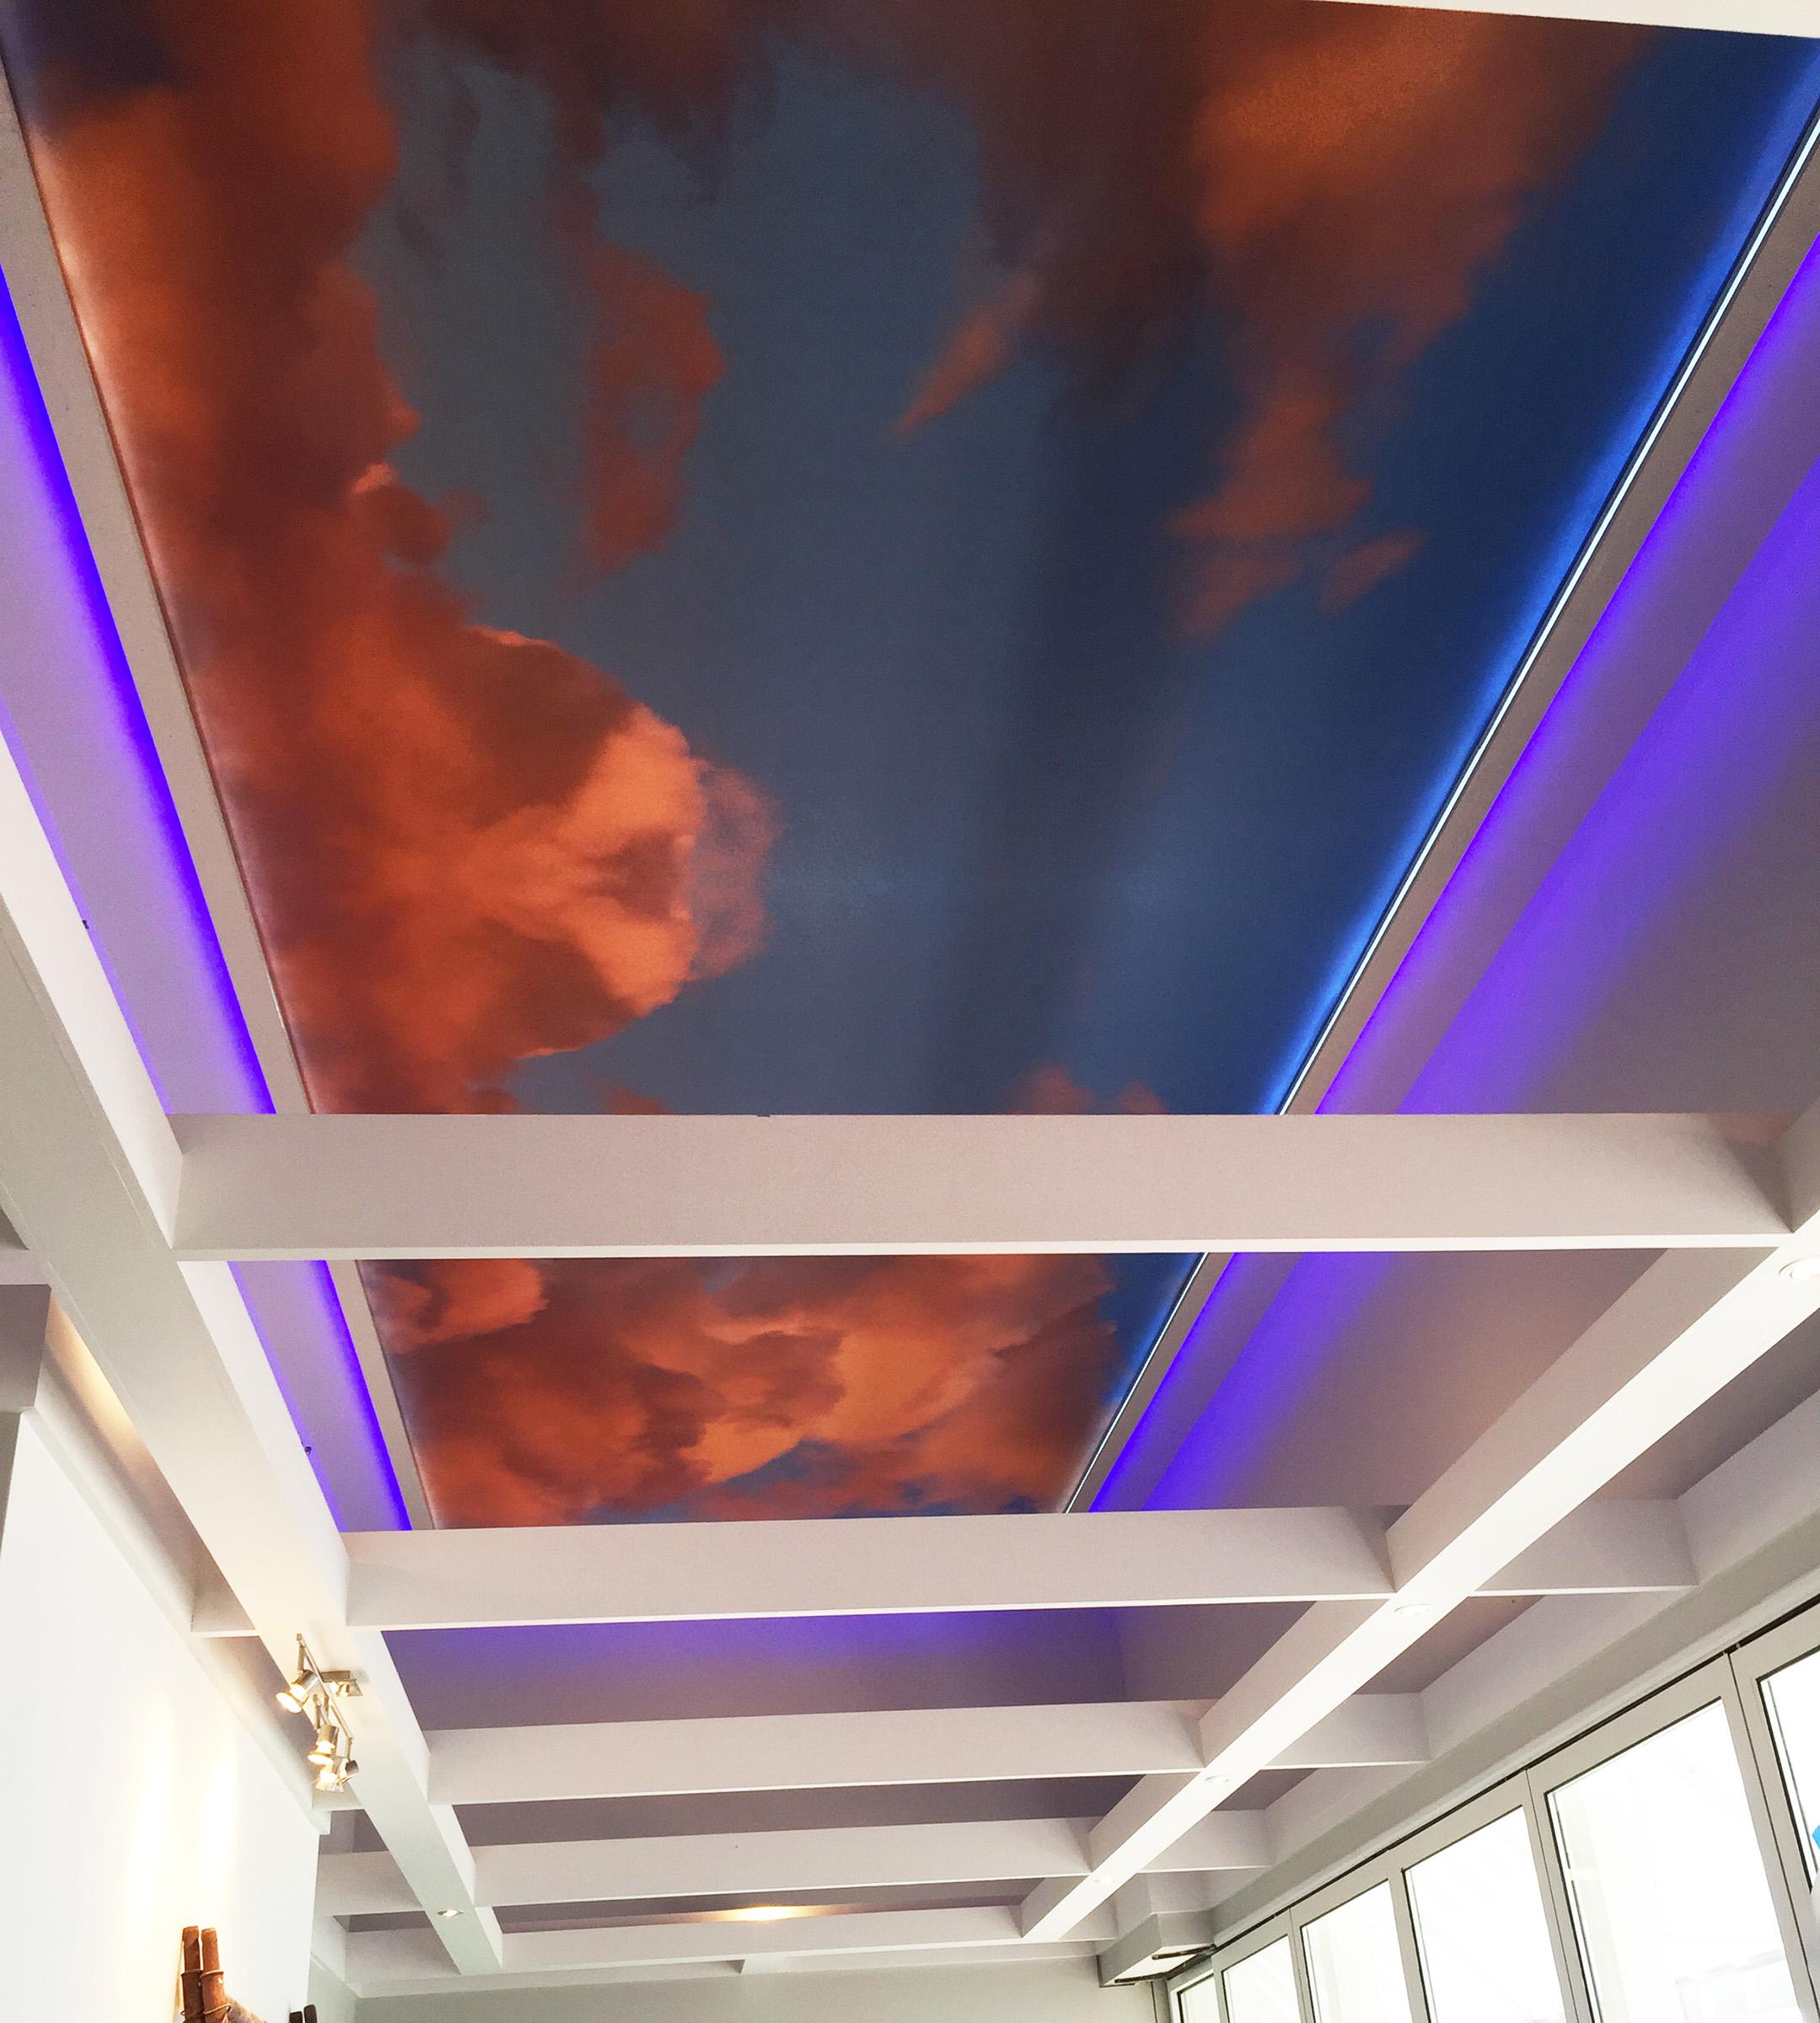 LED LIT SKY MURAL CEILING